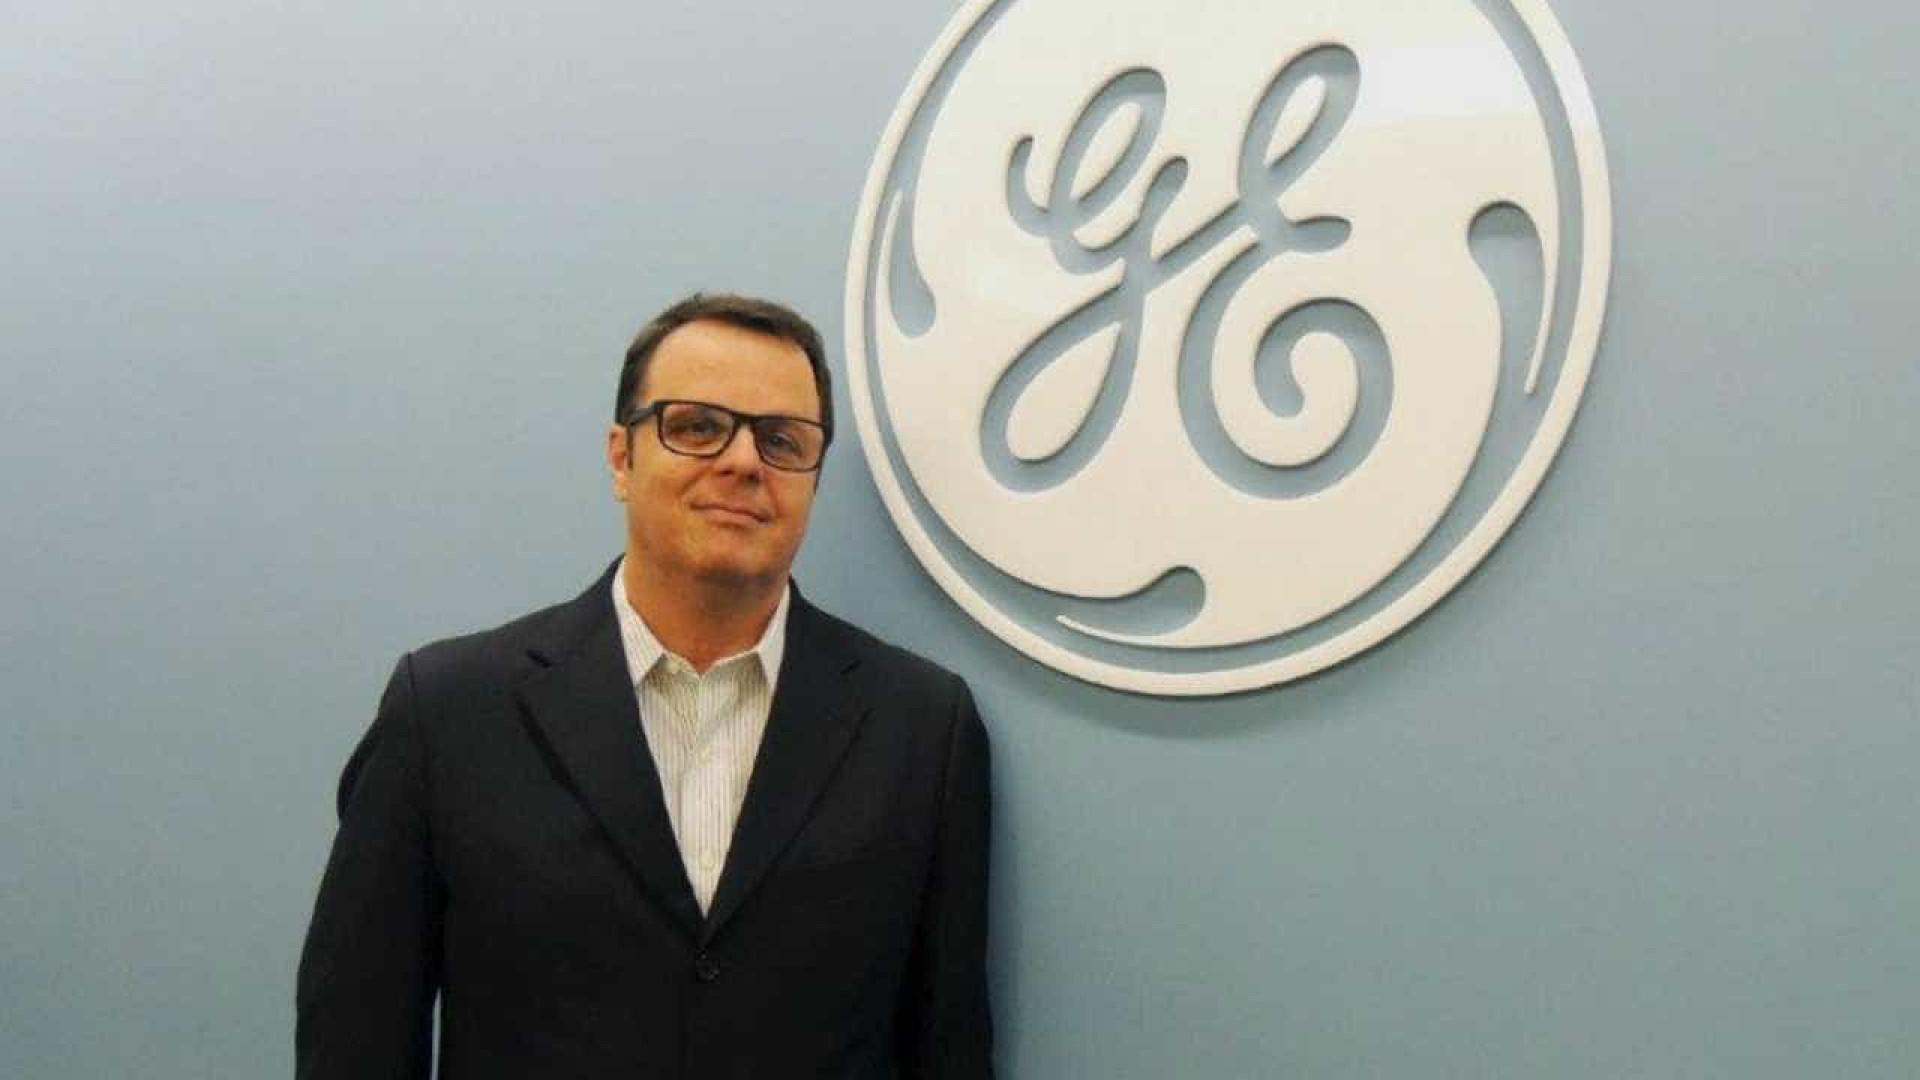 Presidente da GE nega irregularidades e diz ter recebido ameaças